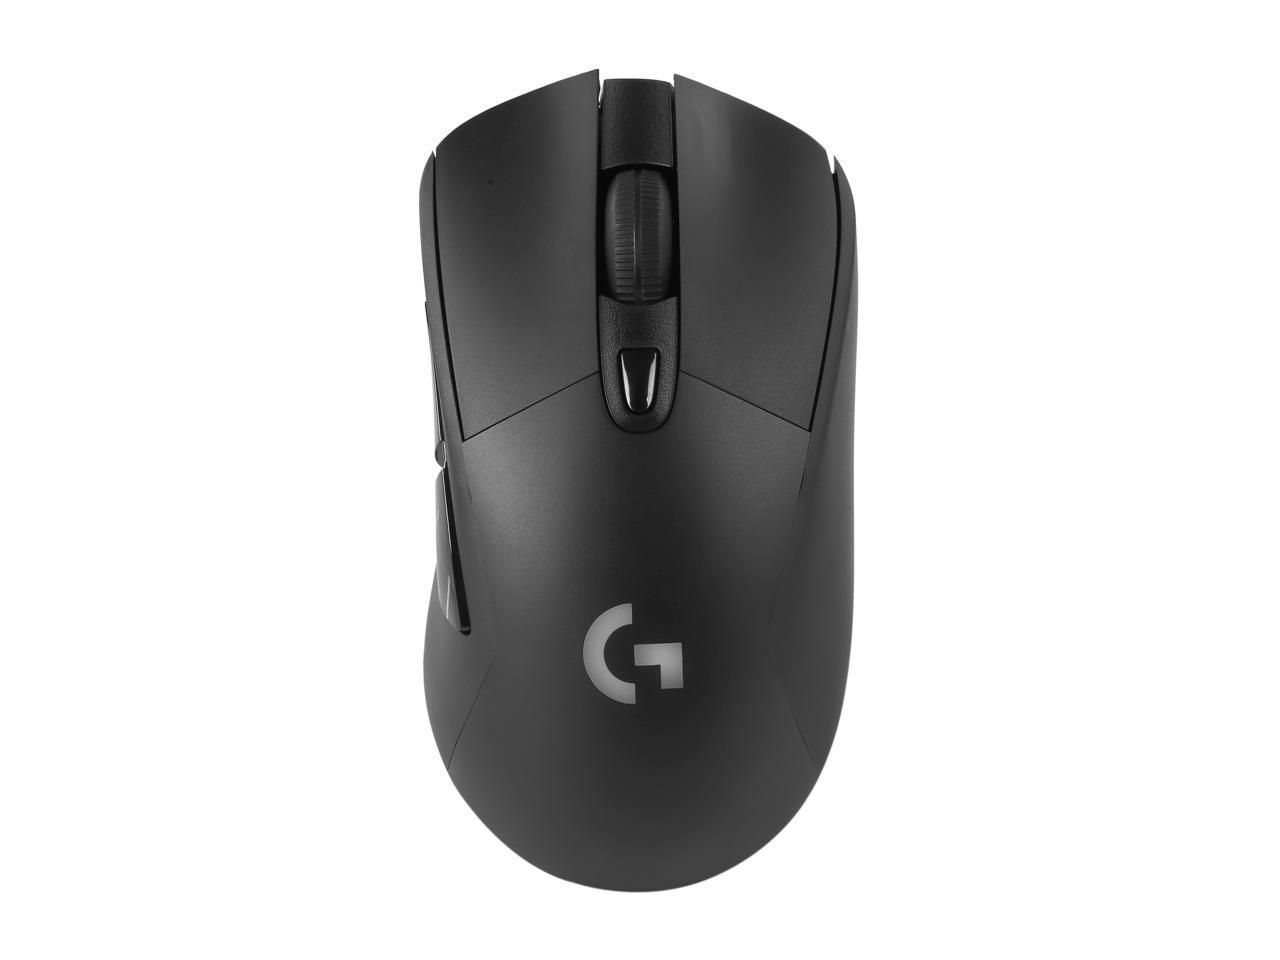 Геймърска мишка Logitech, G703, Оптична, Безжична, USB